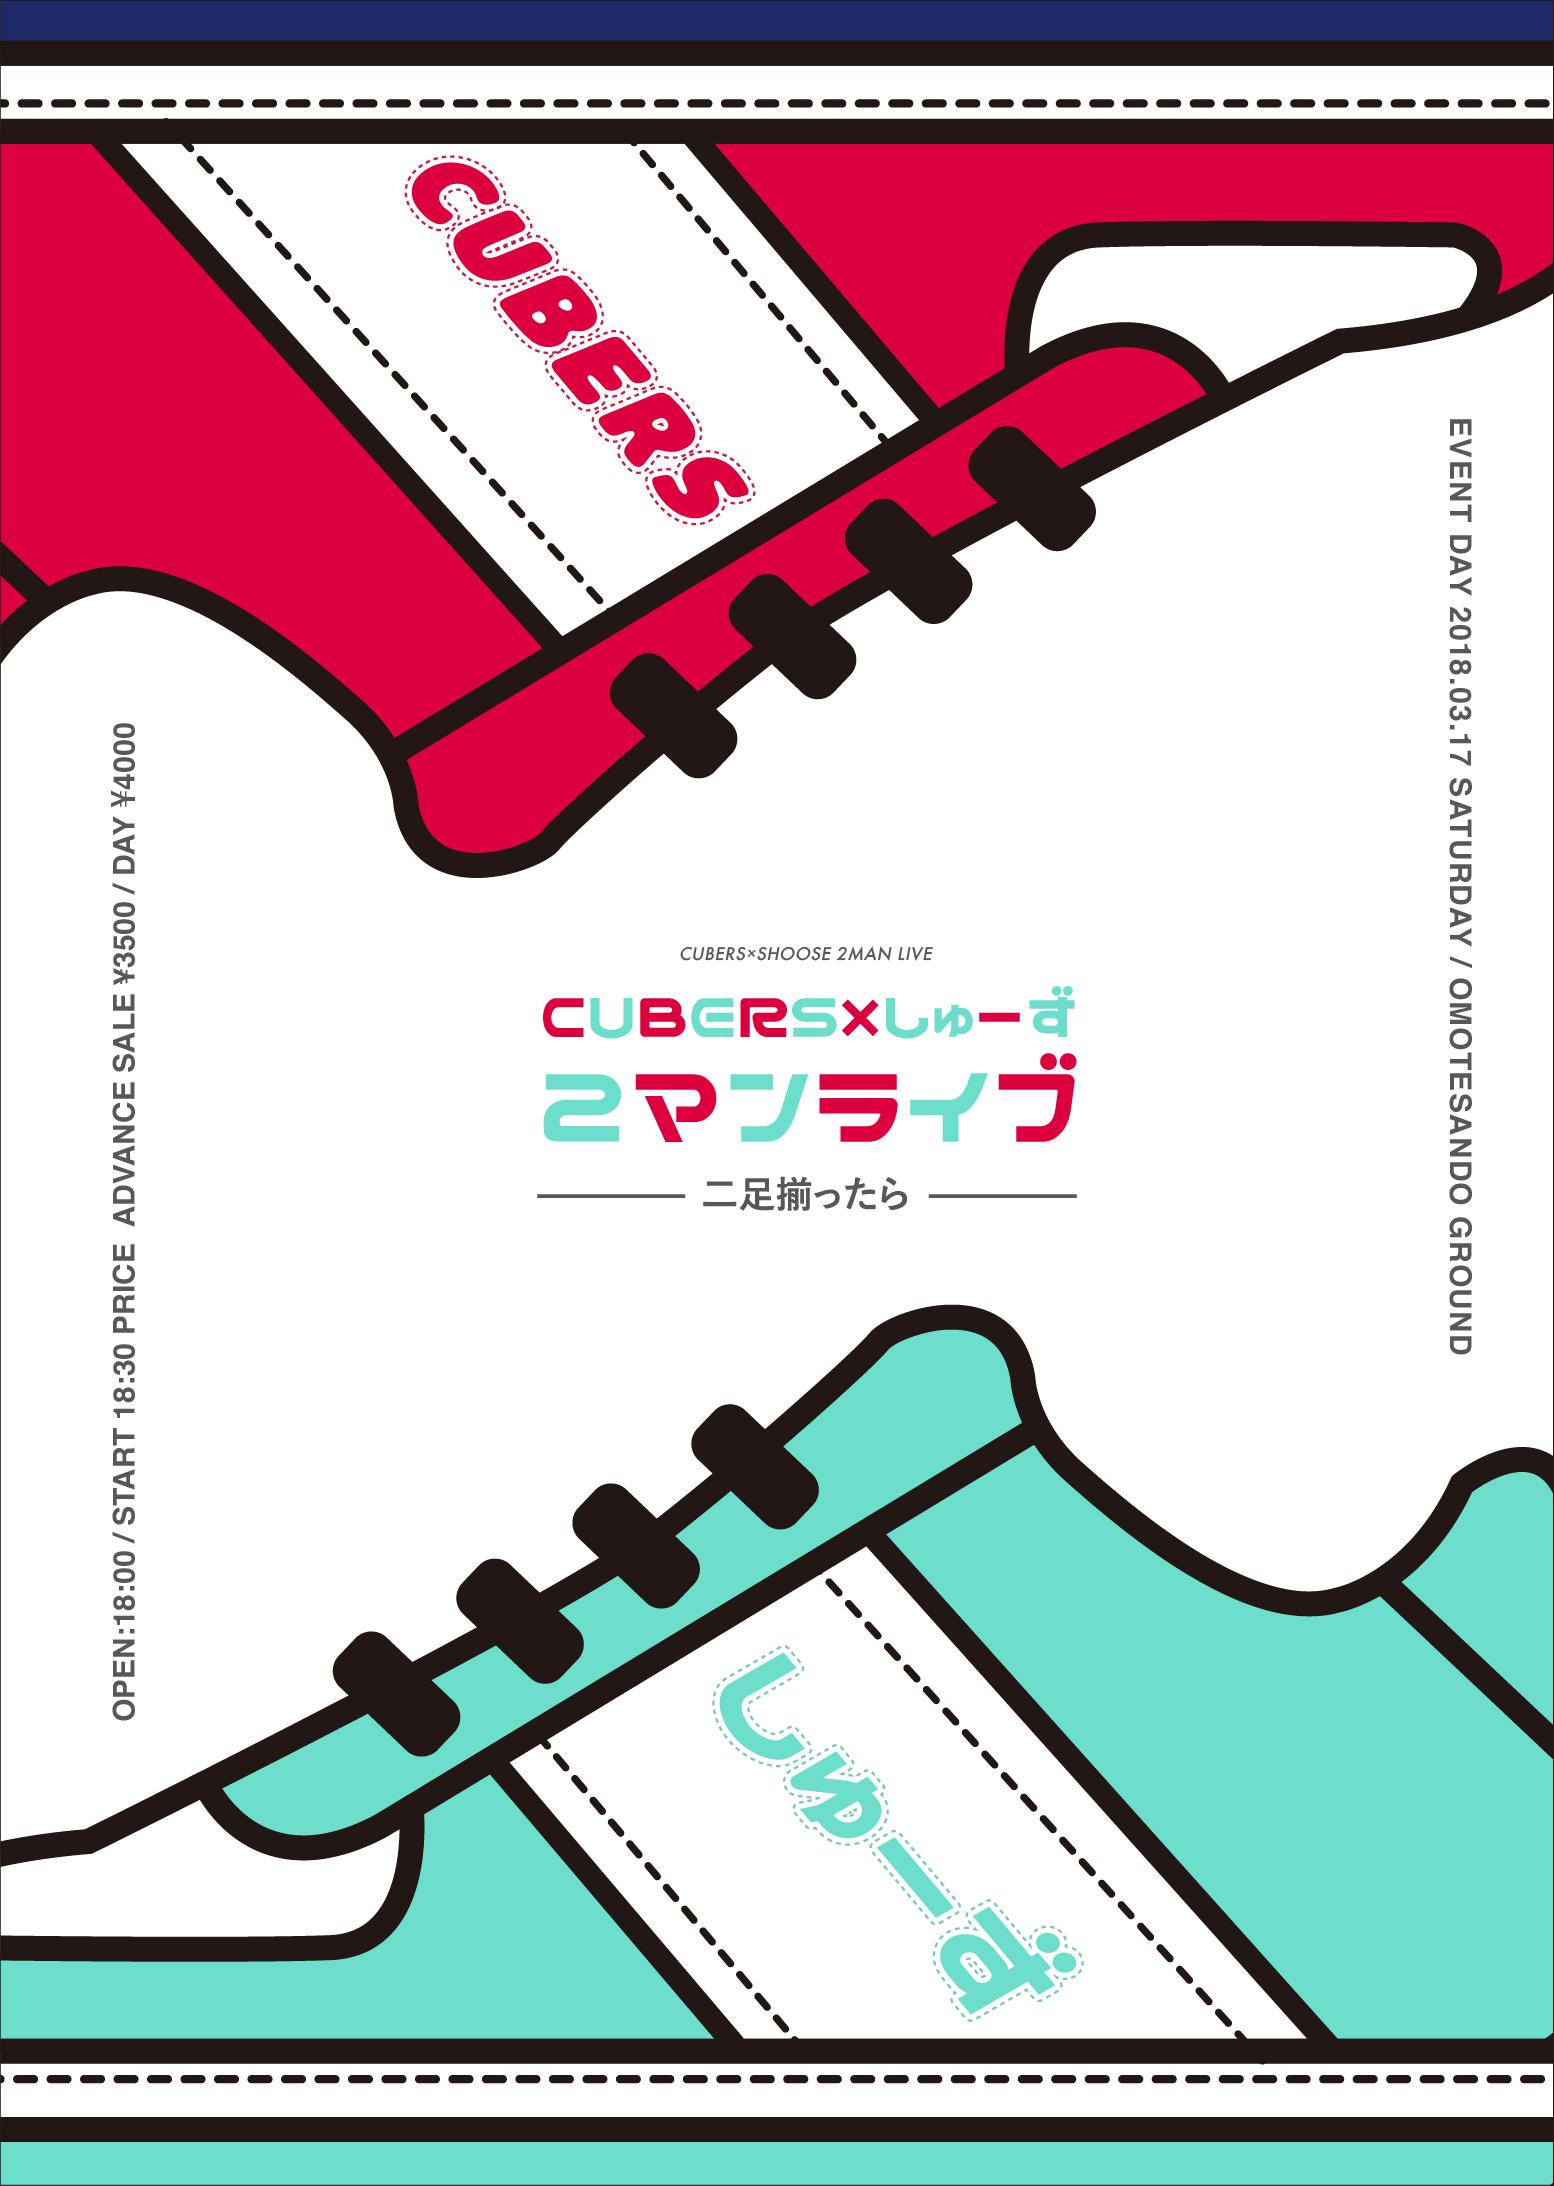 ☆★3月17日(土)「CUBERS×しゅーず2マンライブ 〜二足揃ったら〜」2マンライブ開催決定☆★